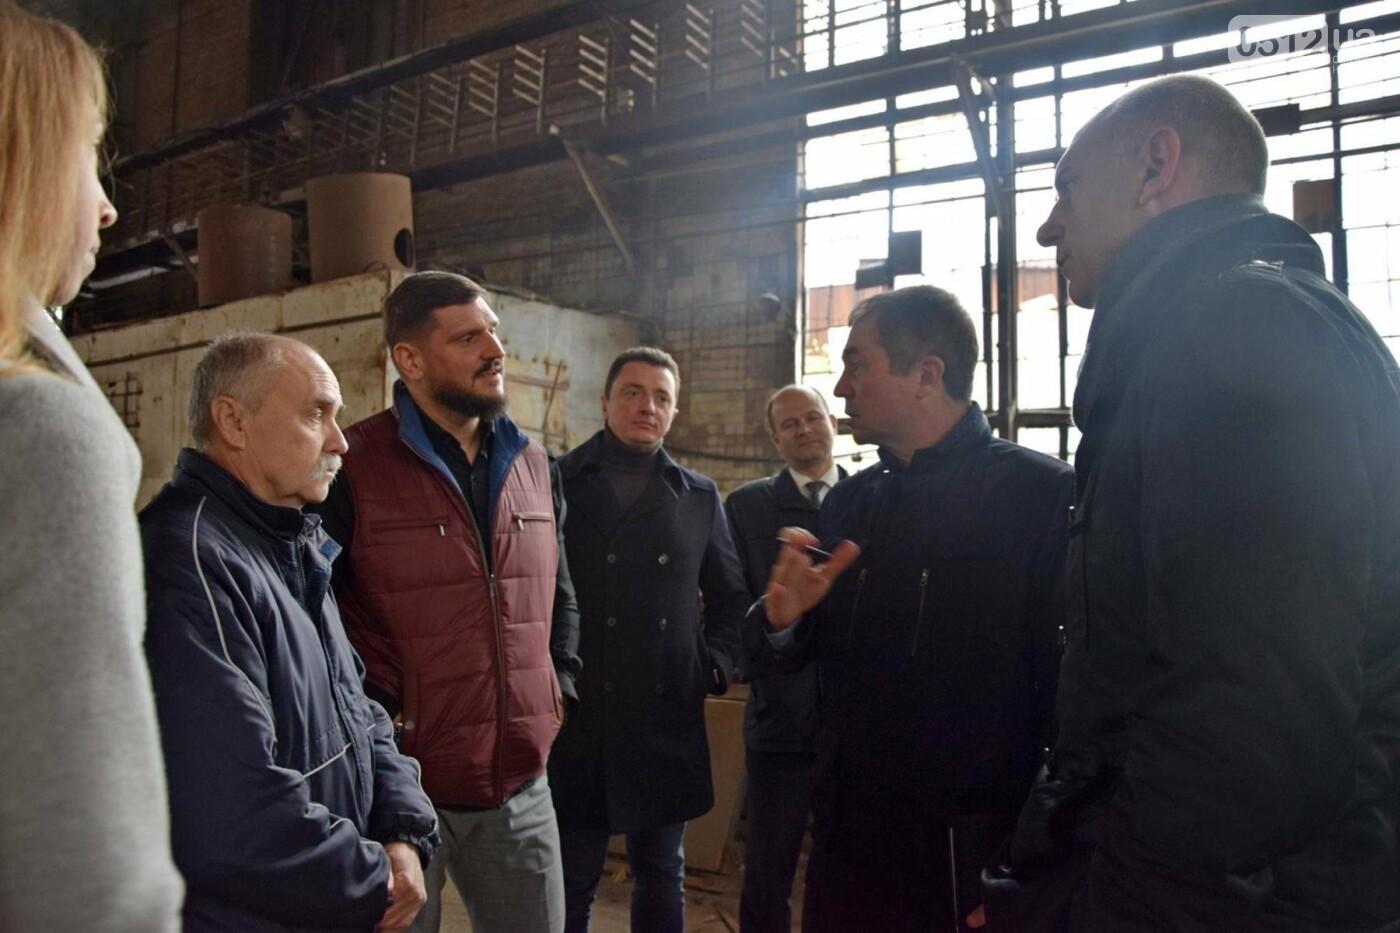 Крупный американский инвестор может создать 2-3 тысячи рабочих мест в Николаеве, - Савченко, фото-2